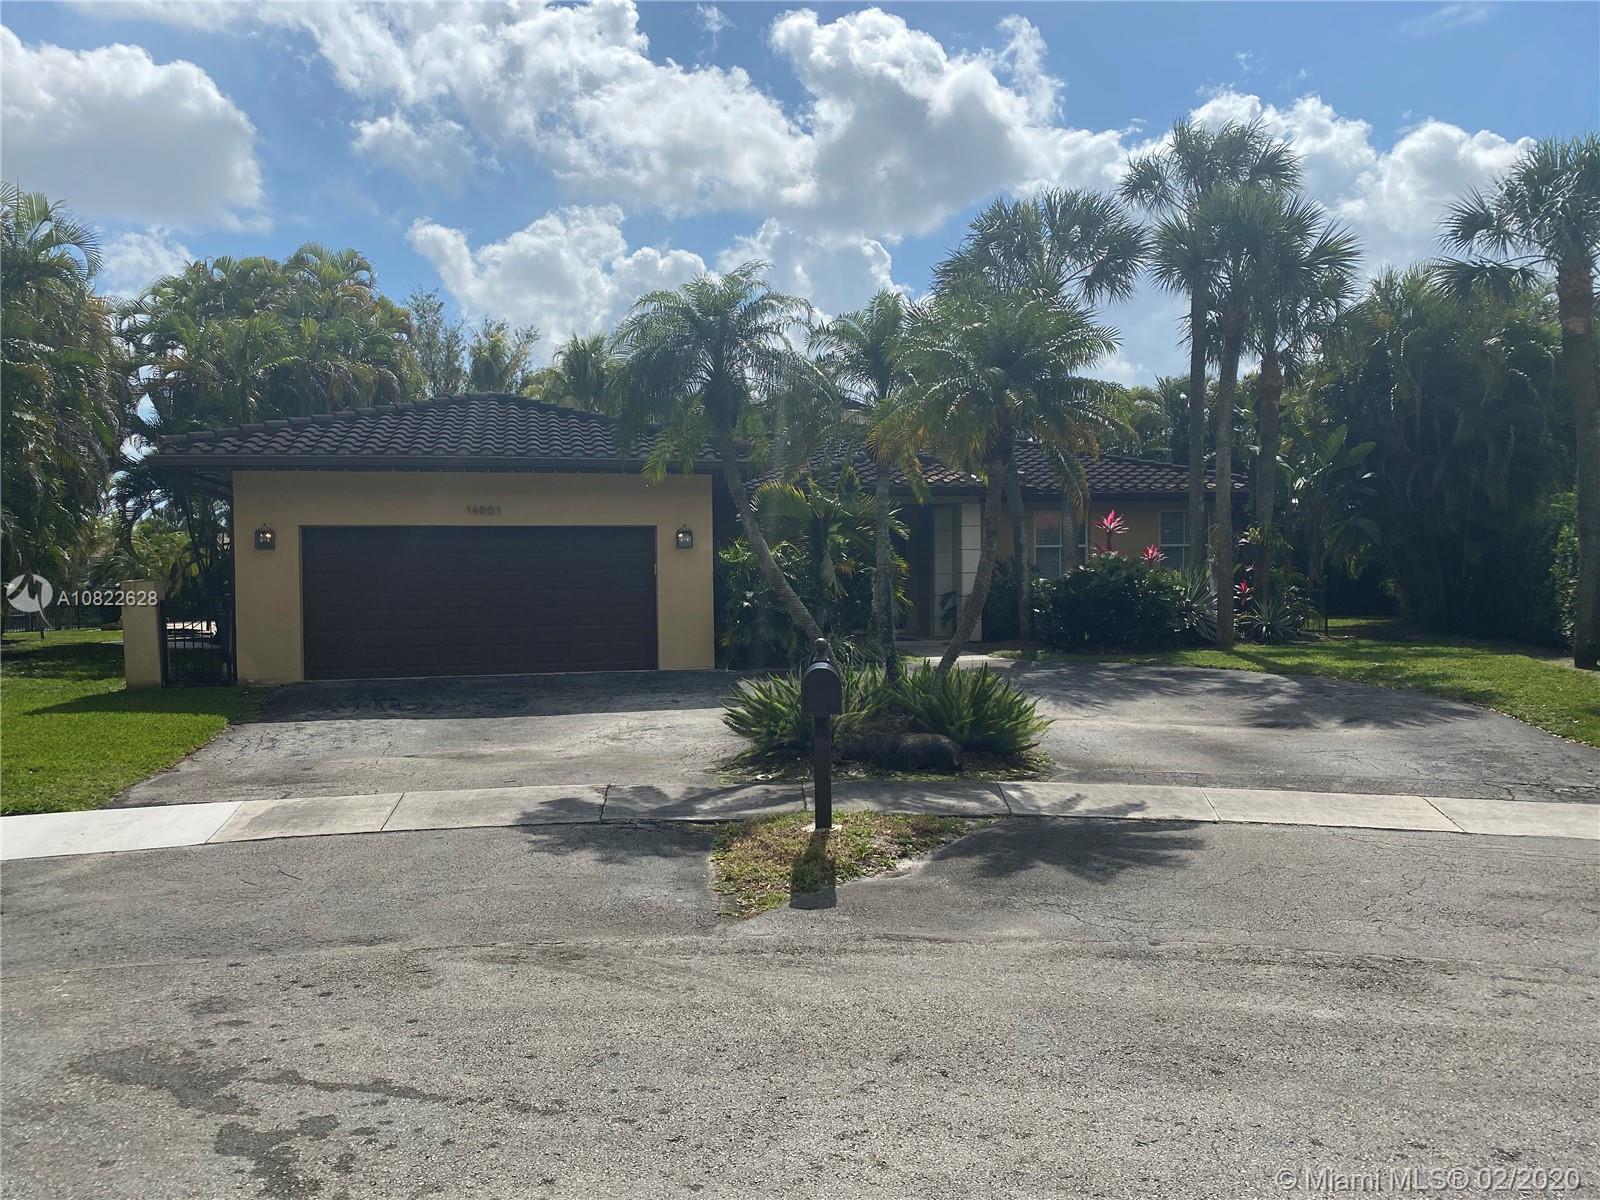 Miami Lakes - 14861 Dunbarton Pl, Miami Lakes, FL 33016